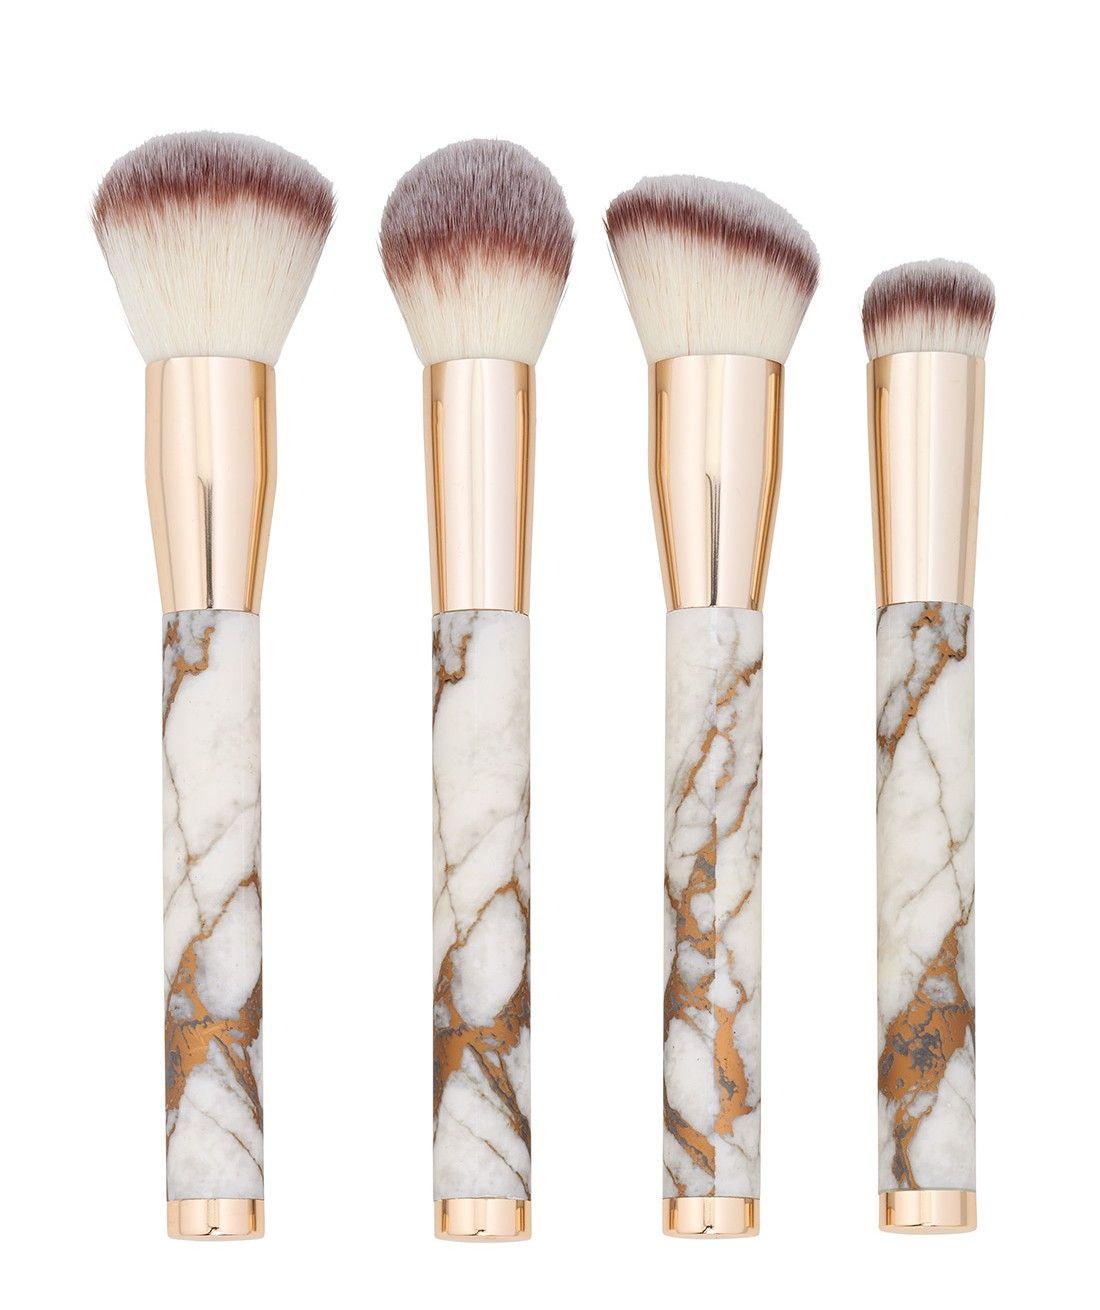 Beauty Brush With Fame Marbleous Beauty Sportsgirl